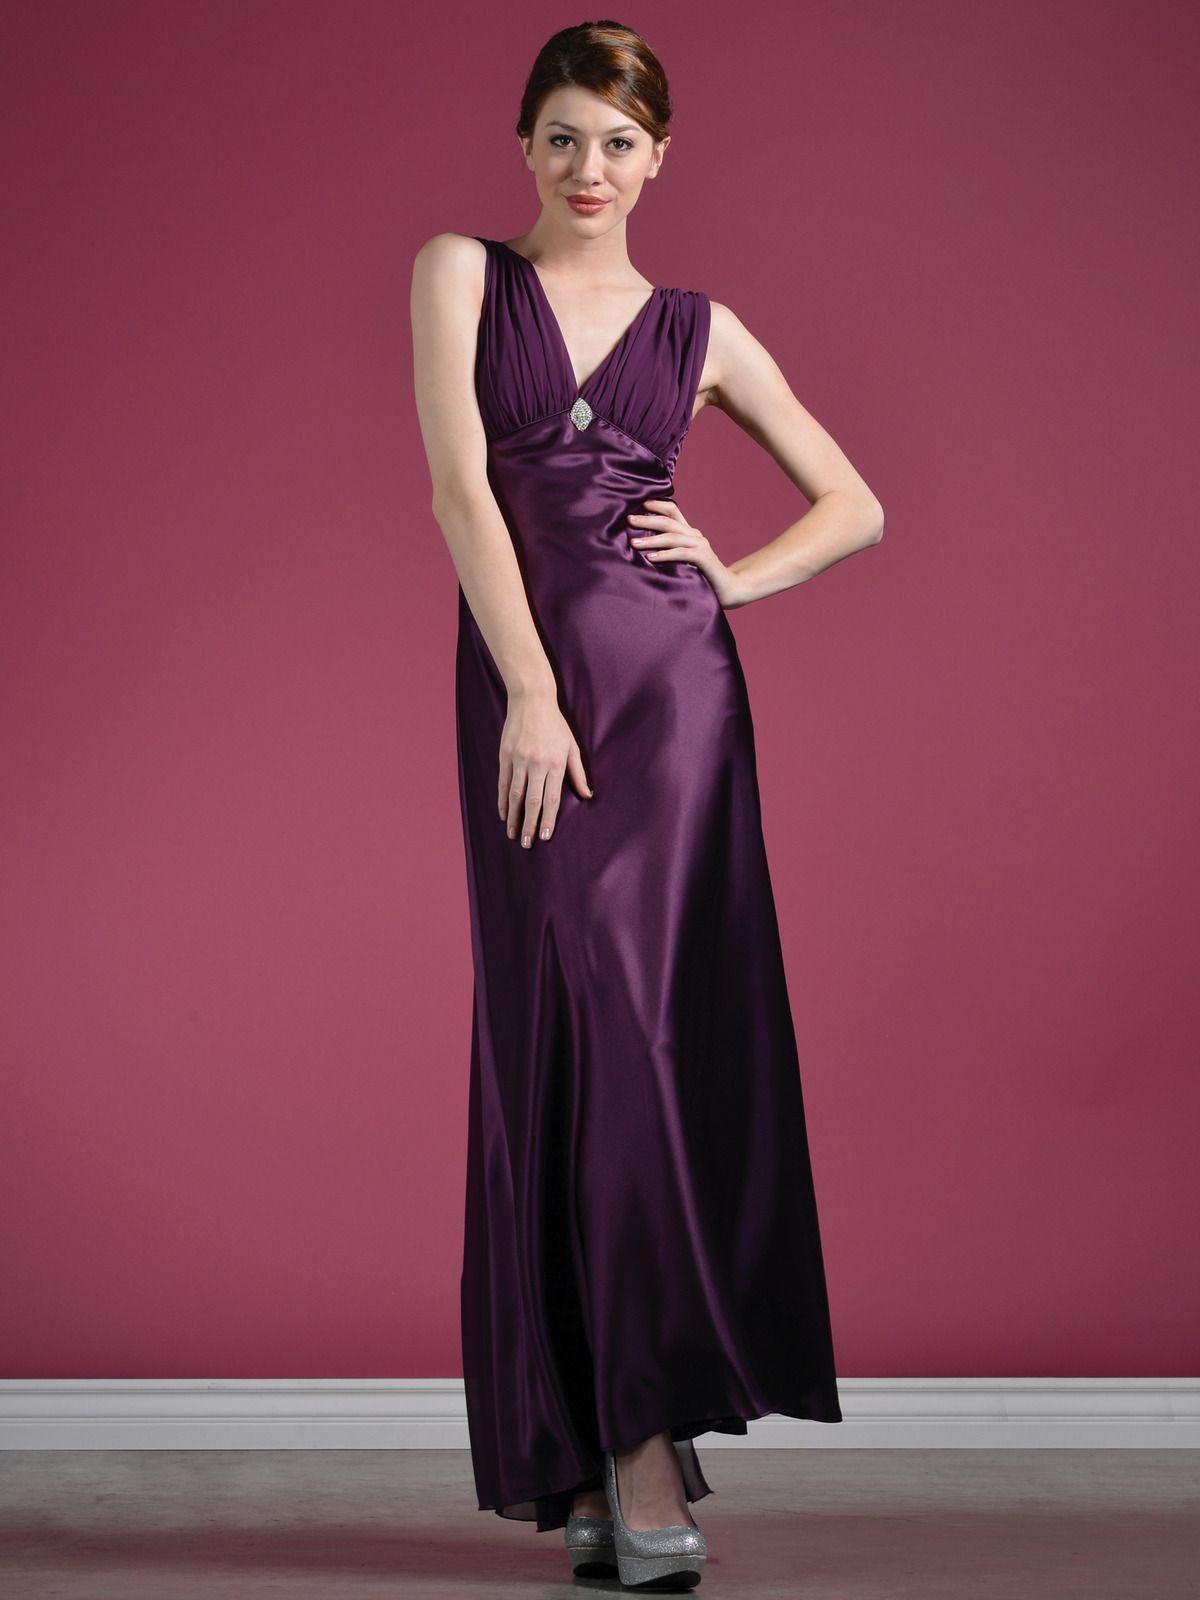 Plum Satin Evening Dress   Pinterest